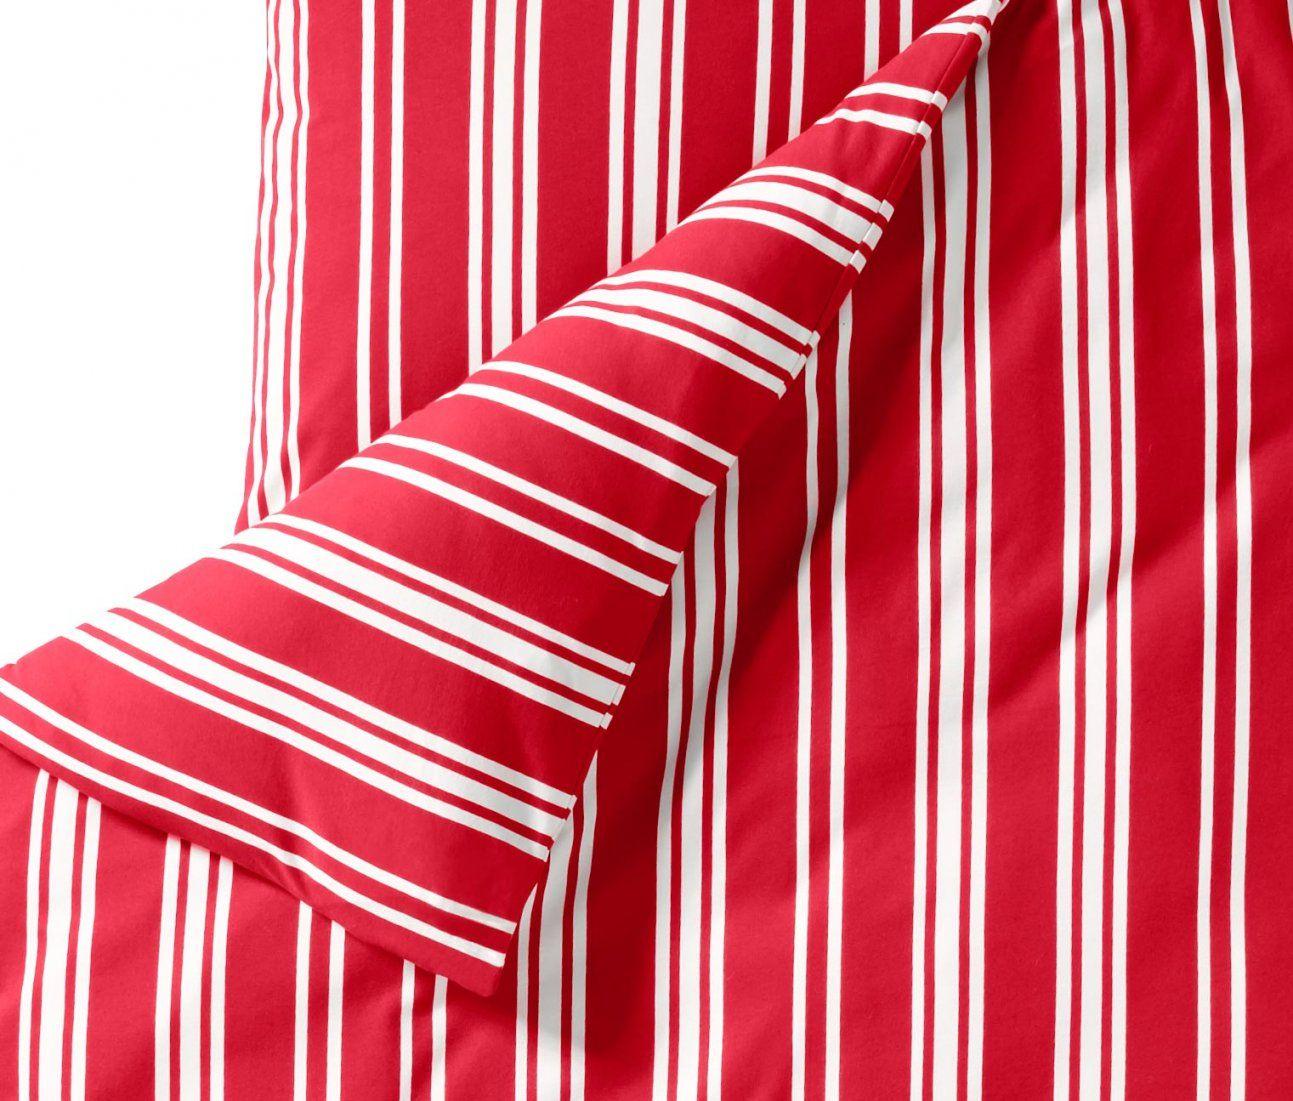 Jerseybettwäsche Rotweiß Gestreift Online Bestellen Bei Tchibo 309832 von Tchibo Bettwäsche Jersey Photo